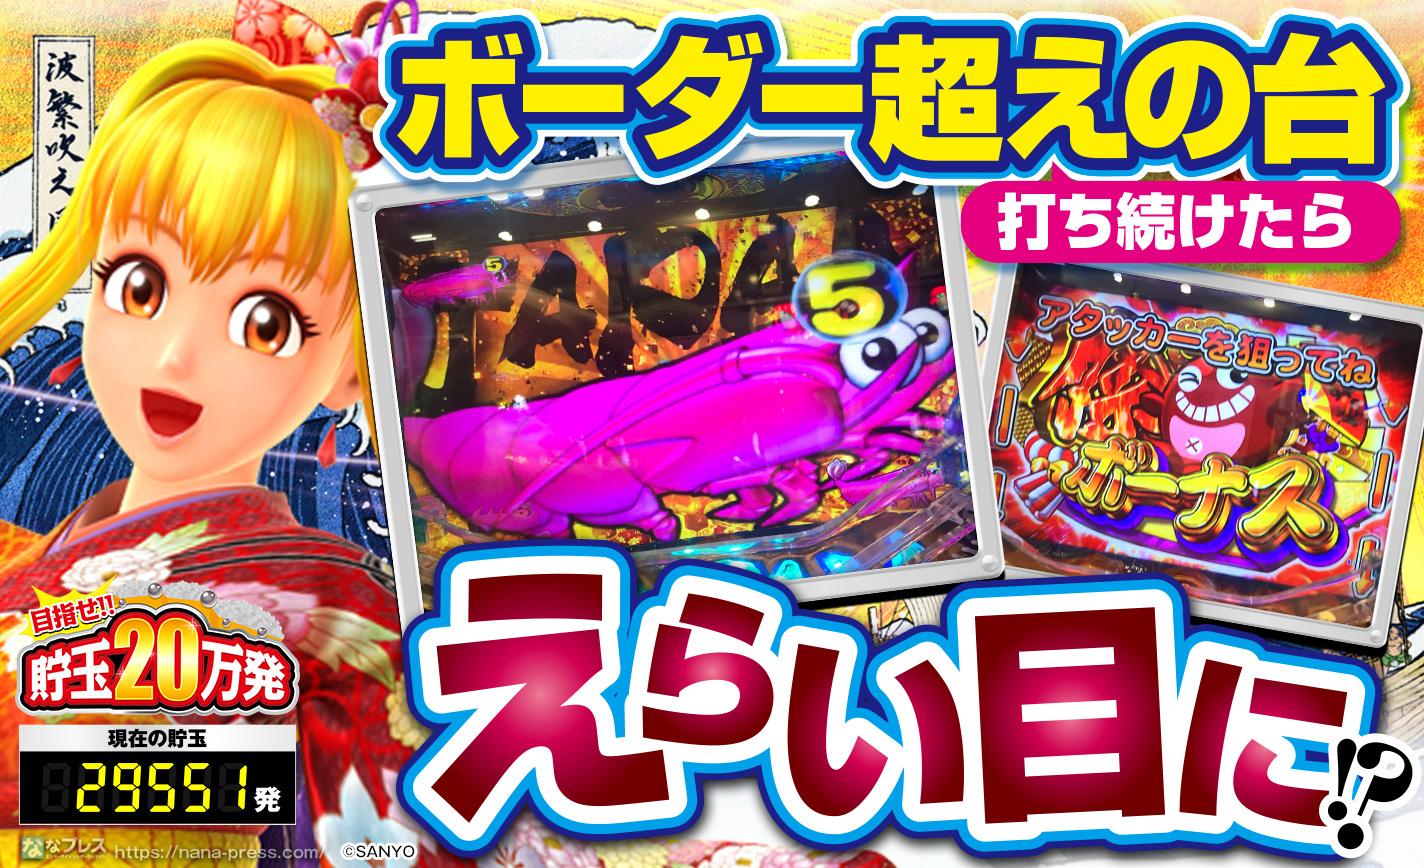 【海JAPAN2】ボーダー超えの台を打ち続けたらえらい目に…? eyecatch-image